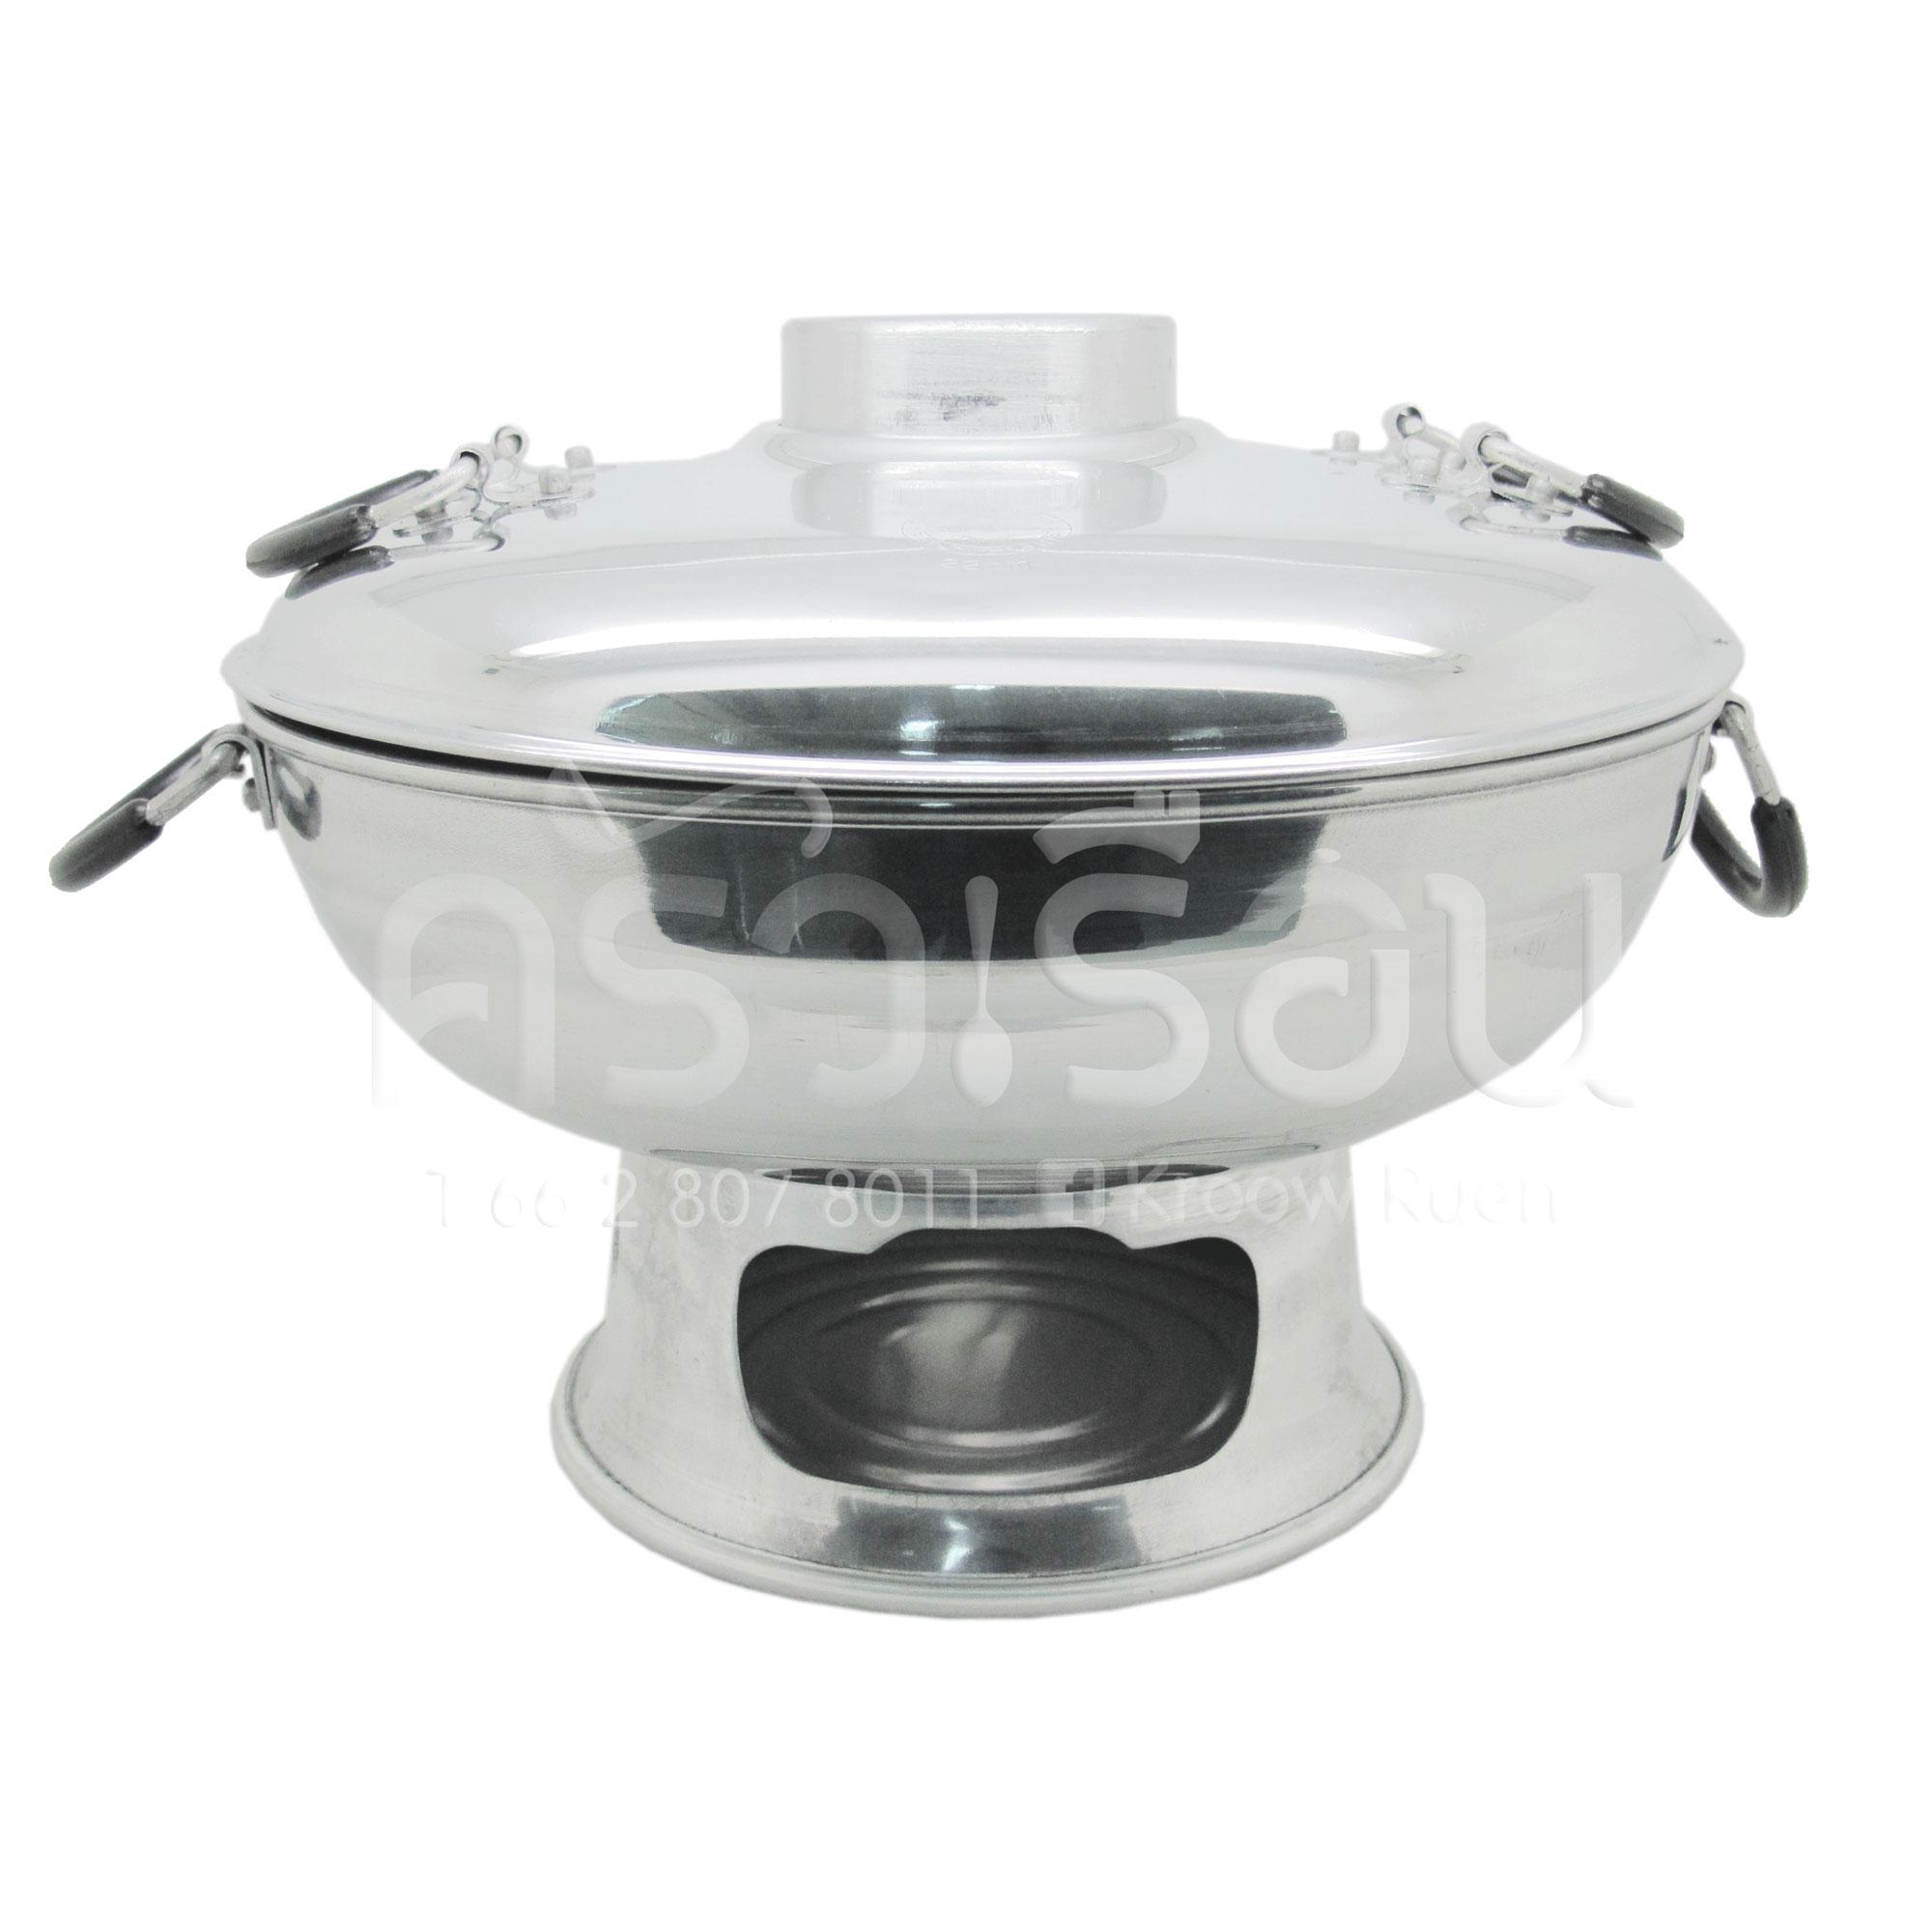 จรเข้ - หม้อไฟเกาเหลา - Aluminium Hot Pot